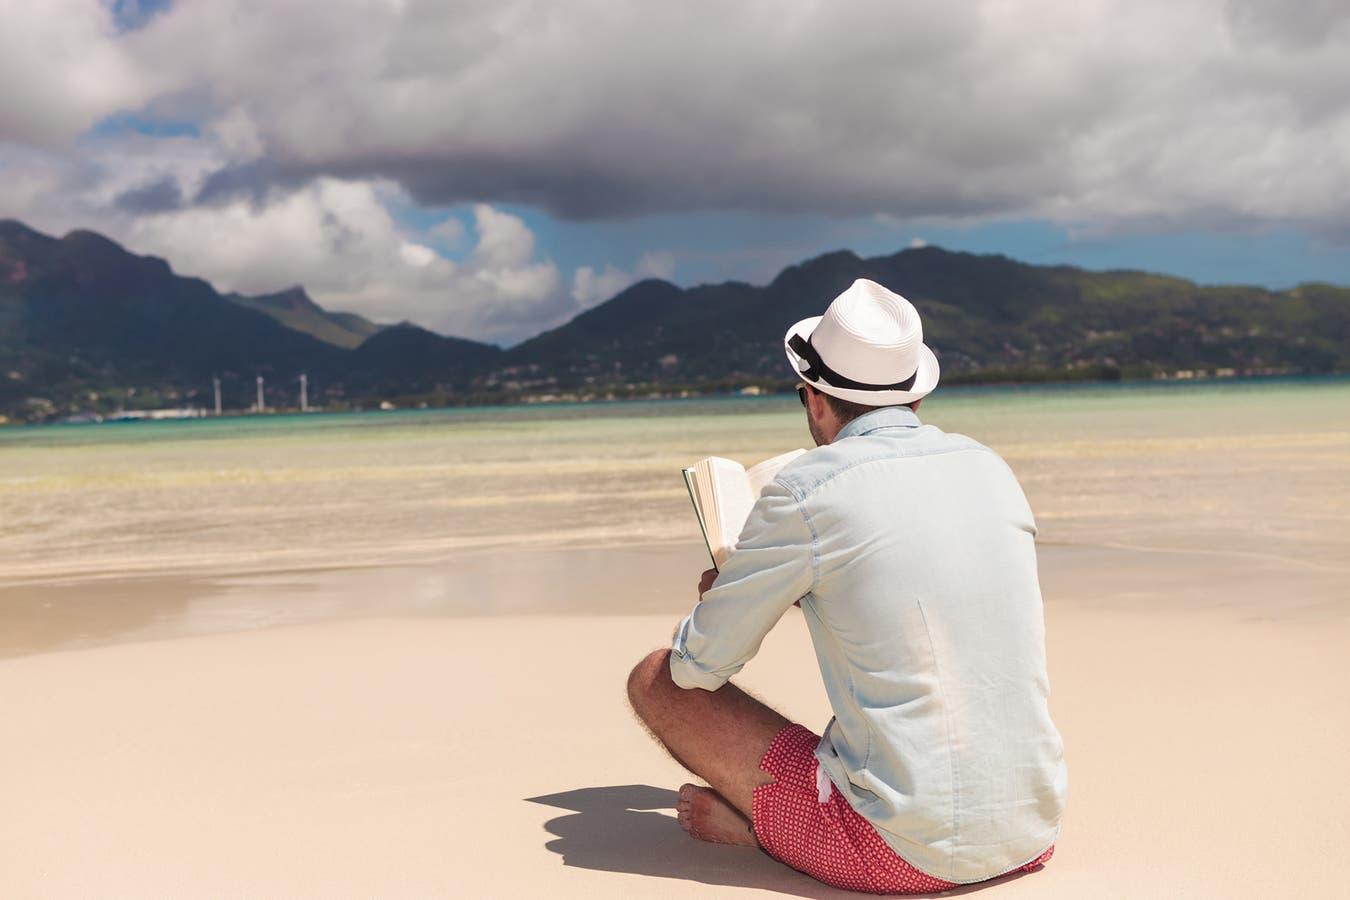 El verano es un buen momento para leer